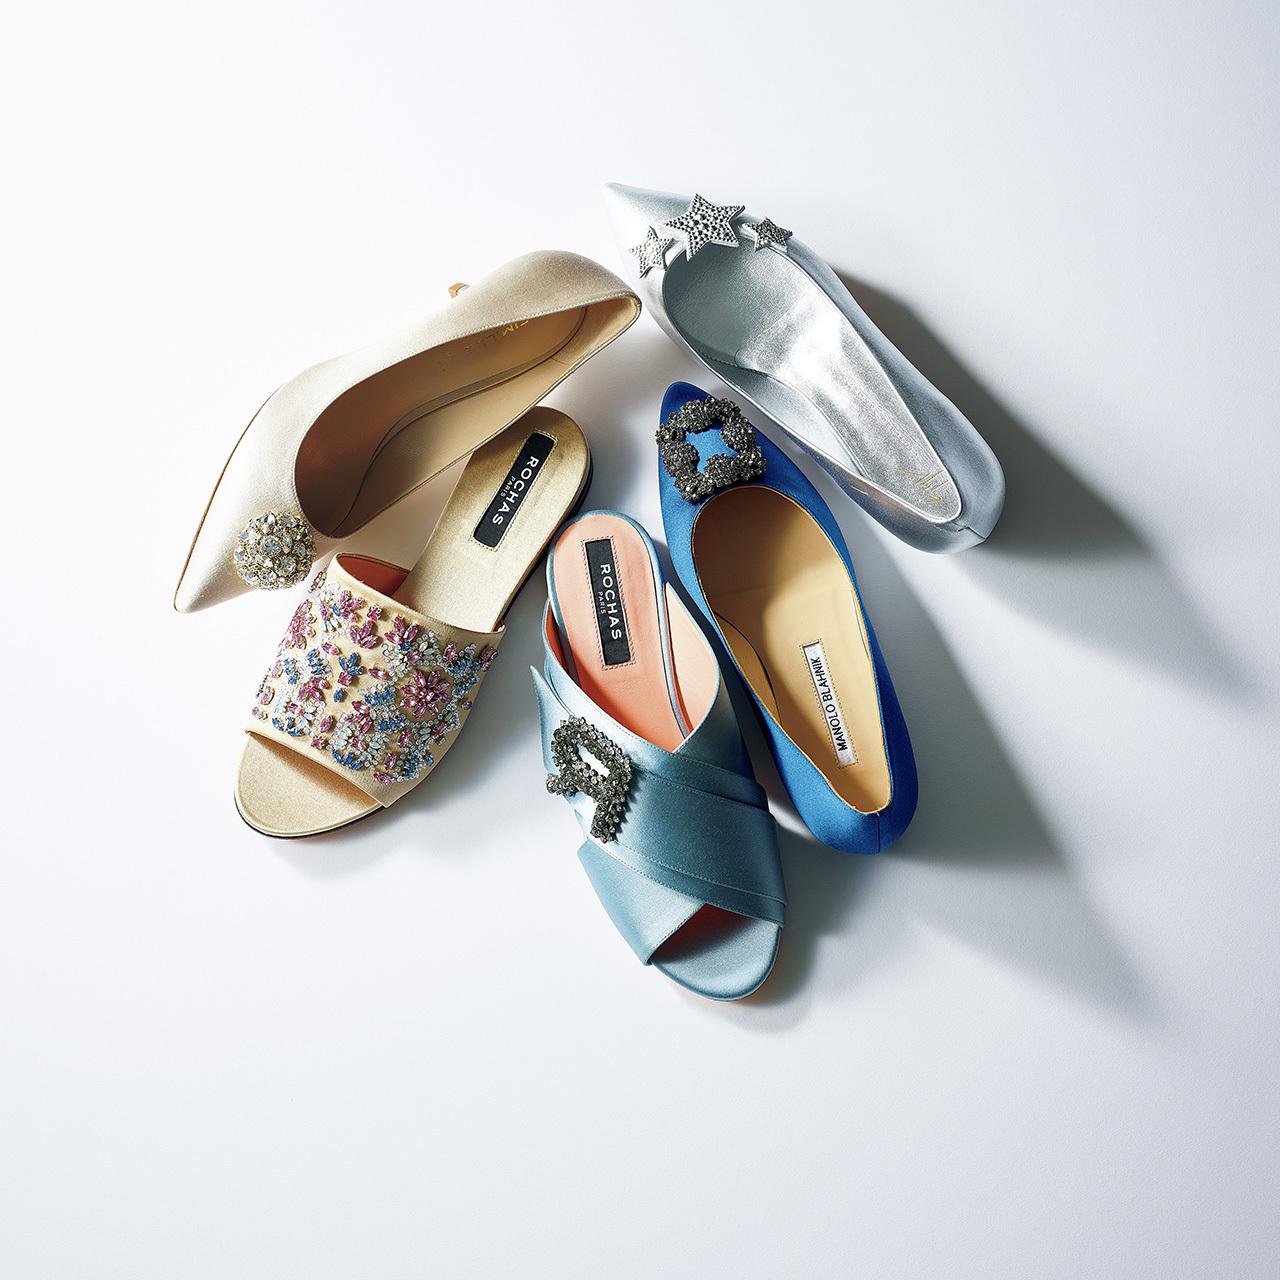 美色スエードパンプス&ビジュー靴で、春の足元印象をバージョンアップ 五選_1_1-5